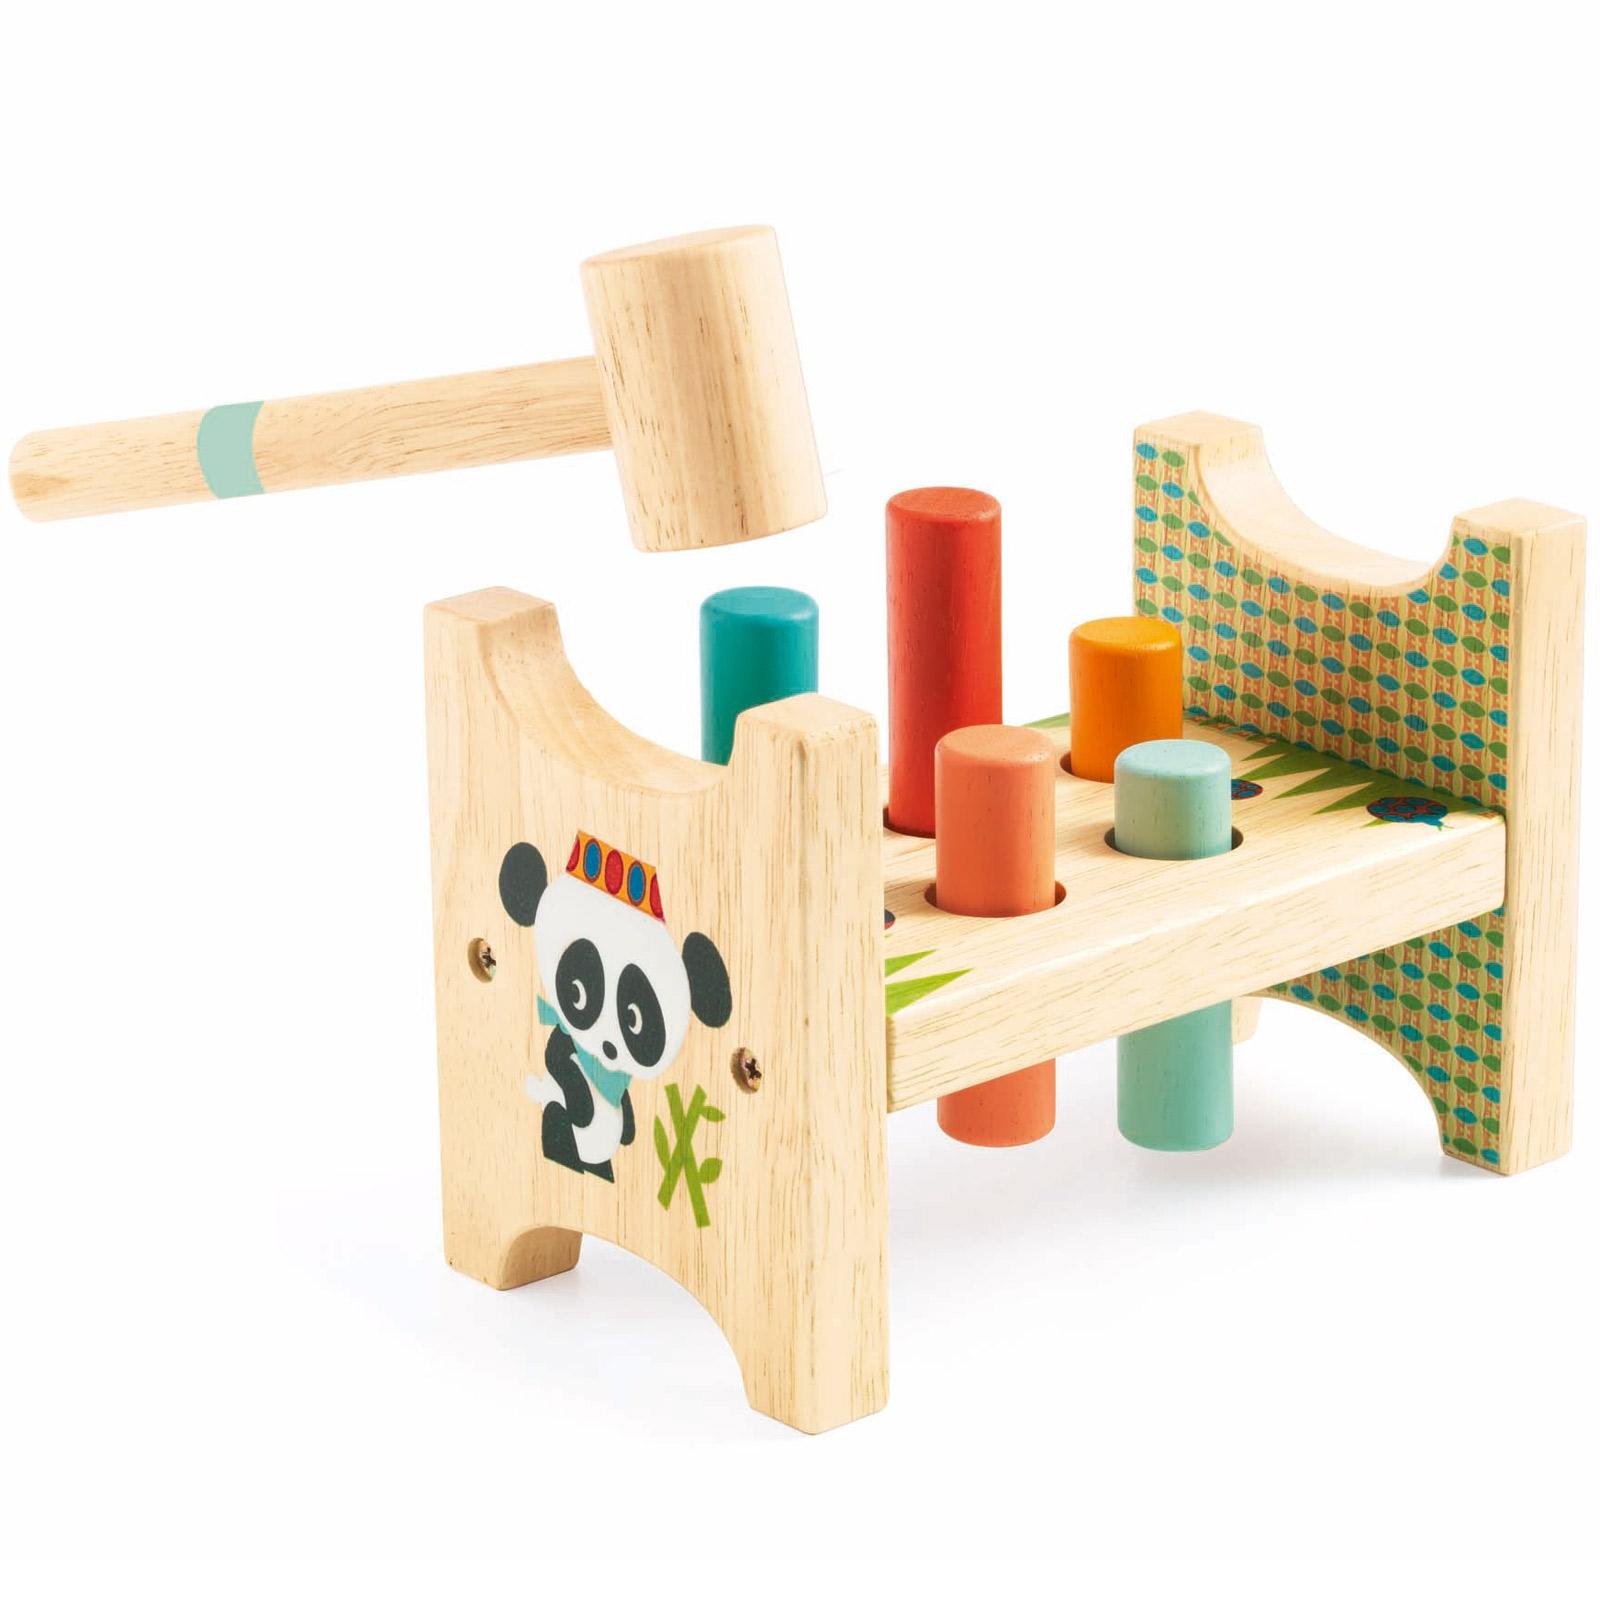 Idées Cadeaux Montessori Pour Enfants De 18 Mois À 3 Ans avec Jouet Pour Fille De 2 Ans Et Demi